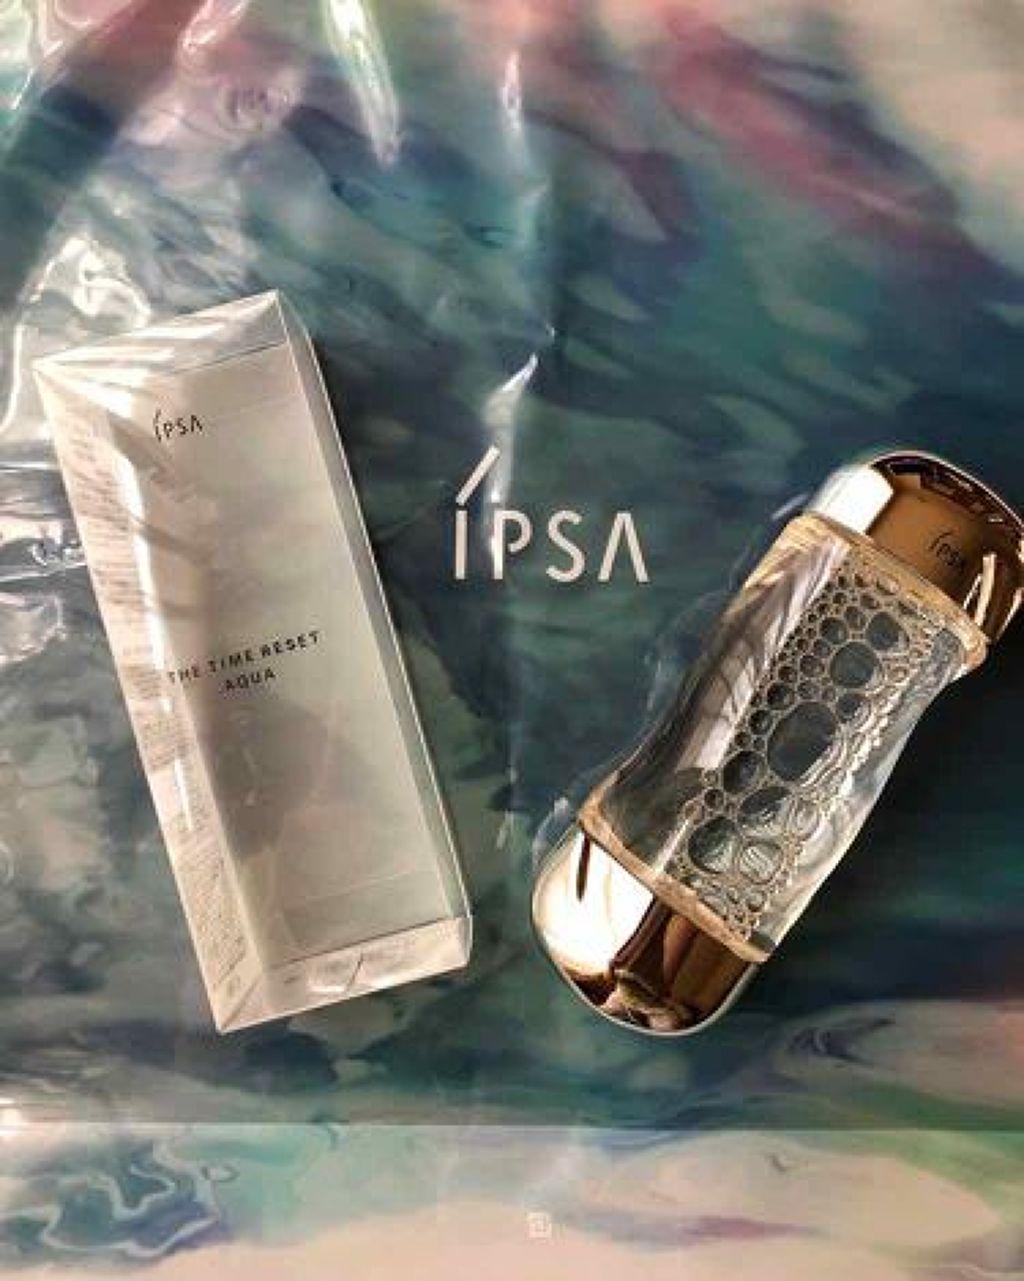 化粧水は効果的な使い方と選び方が重要【化粧水に効果がない人必見】美肌を目指せるおすすめ化粧水24選のサムネイル